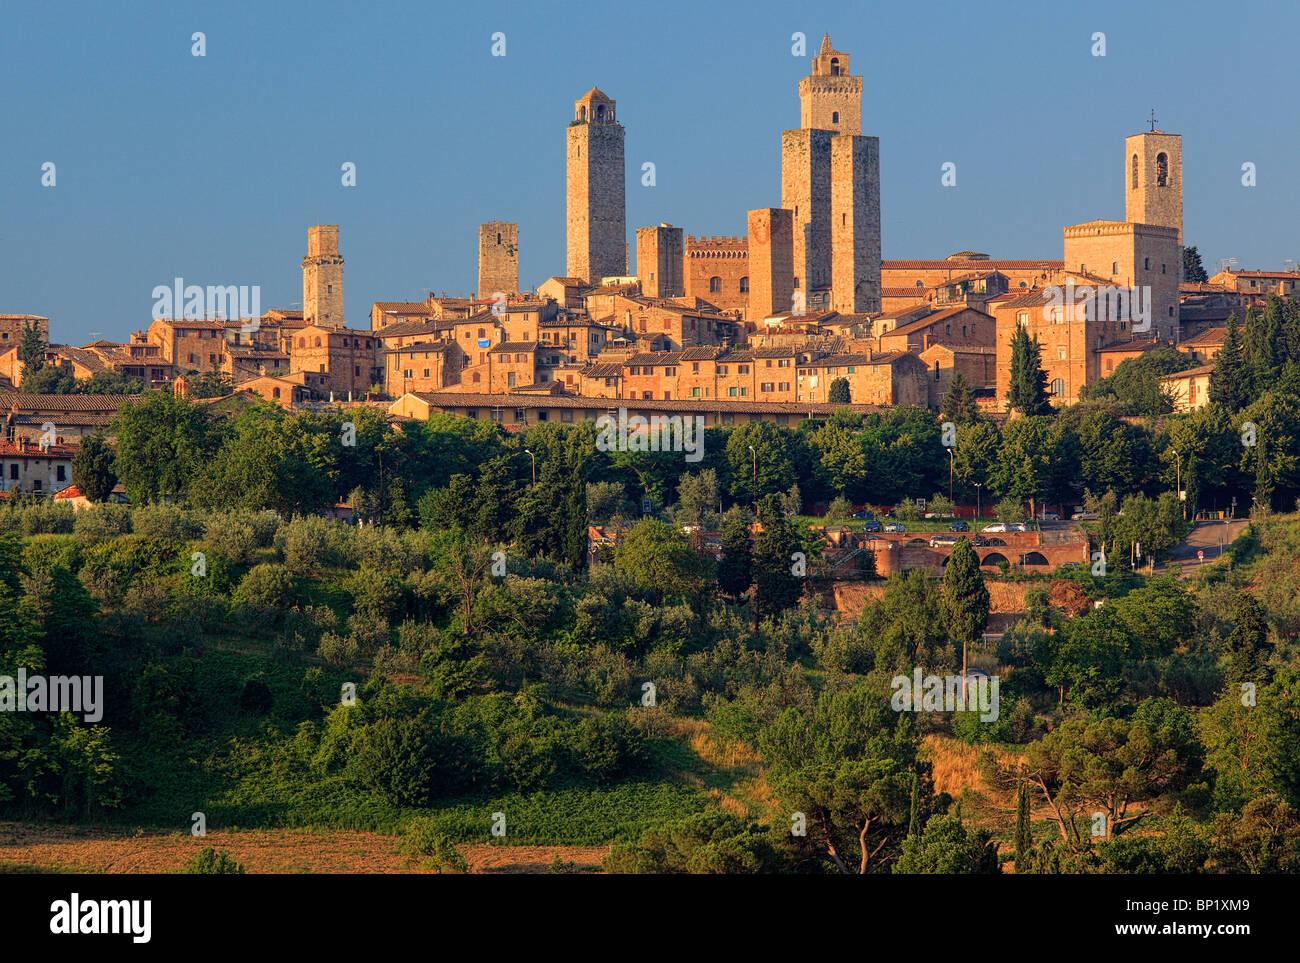 San Gimignano è una piccola collina medievale città della Toscana, Italia Immagini Stock